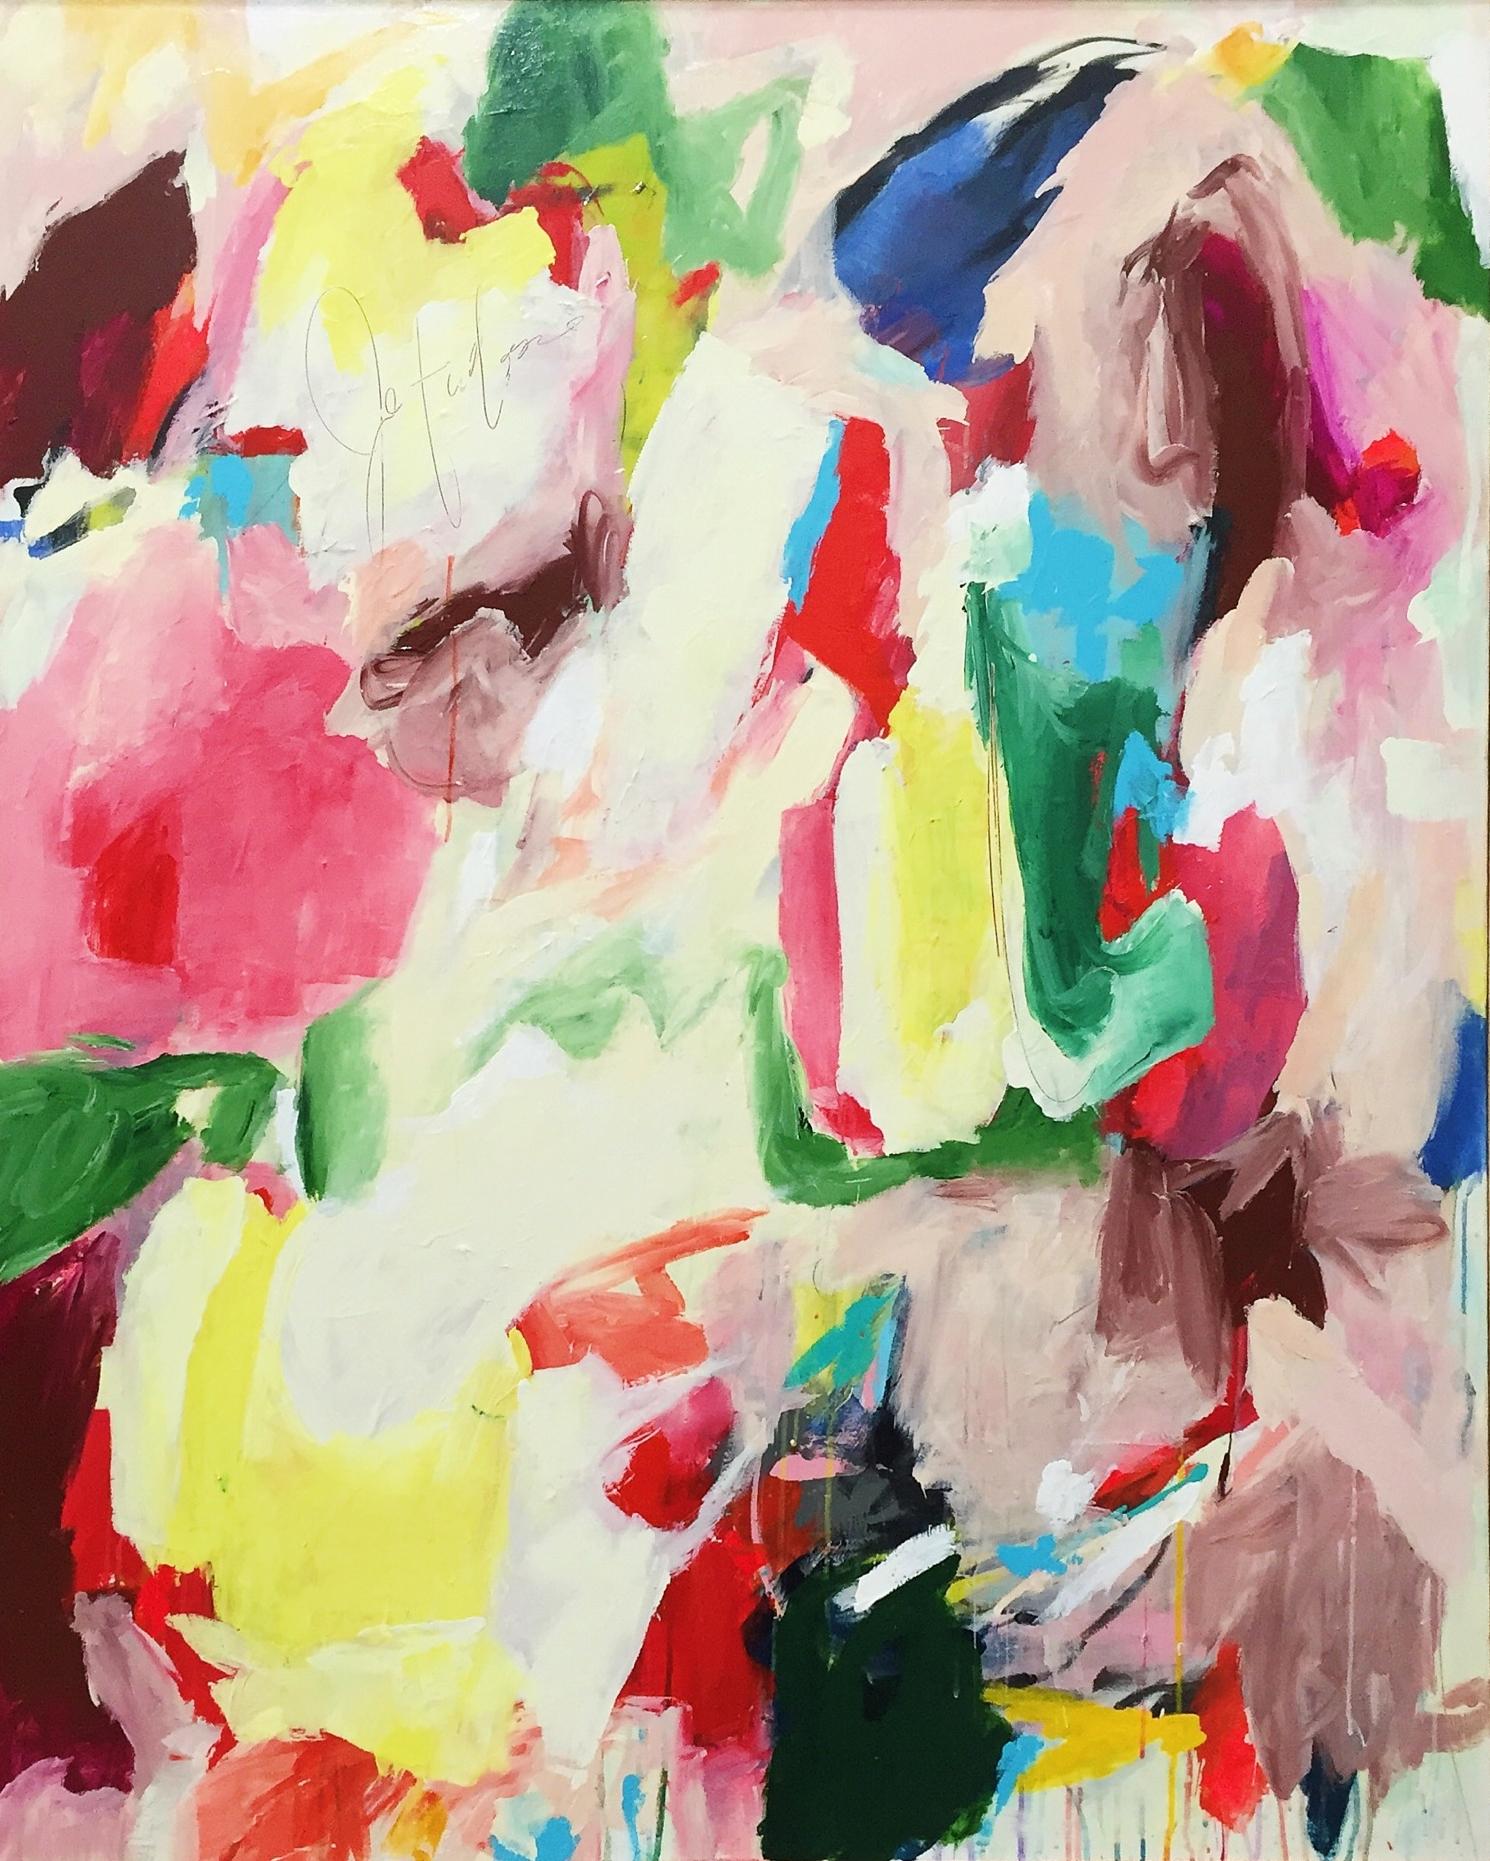 Willem, acrylic & mixed media